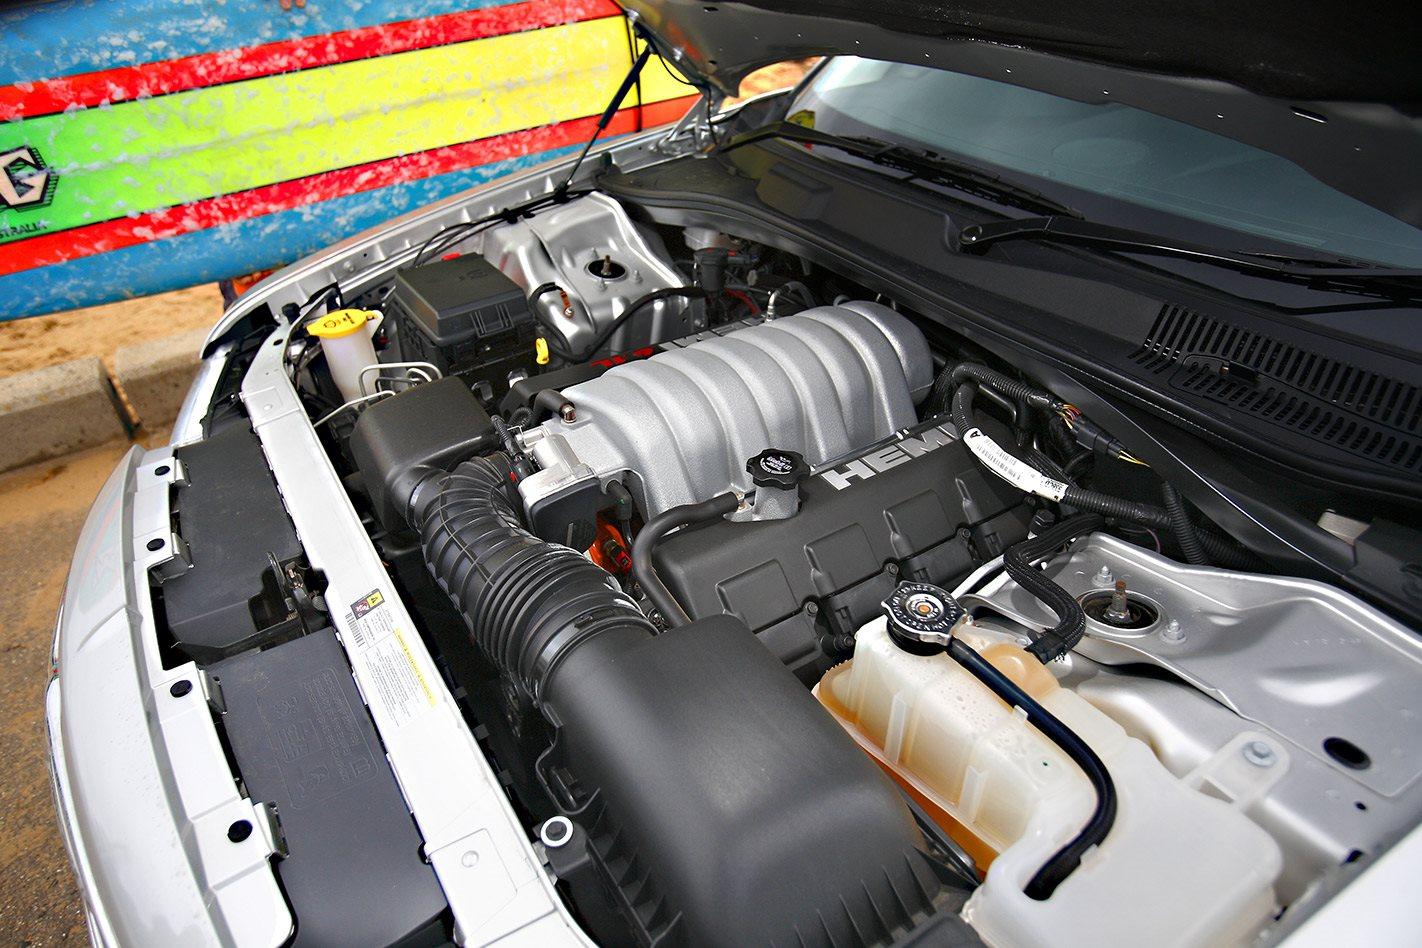 2005 chrysler 300 srt8 engine